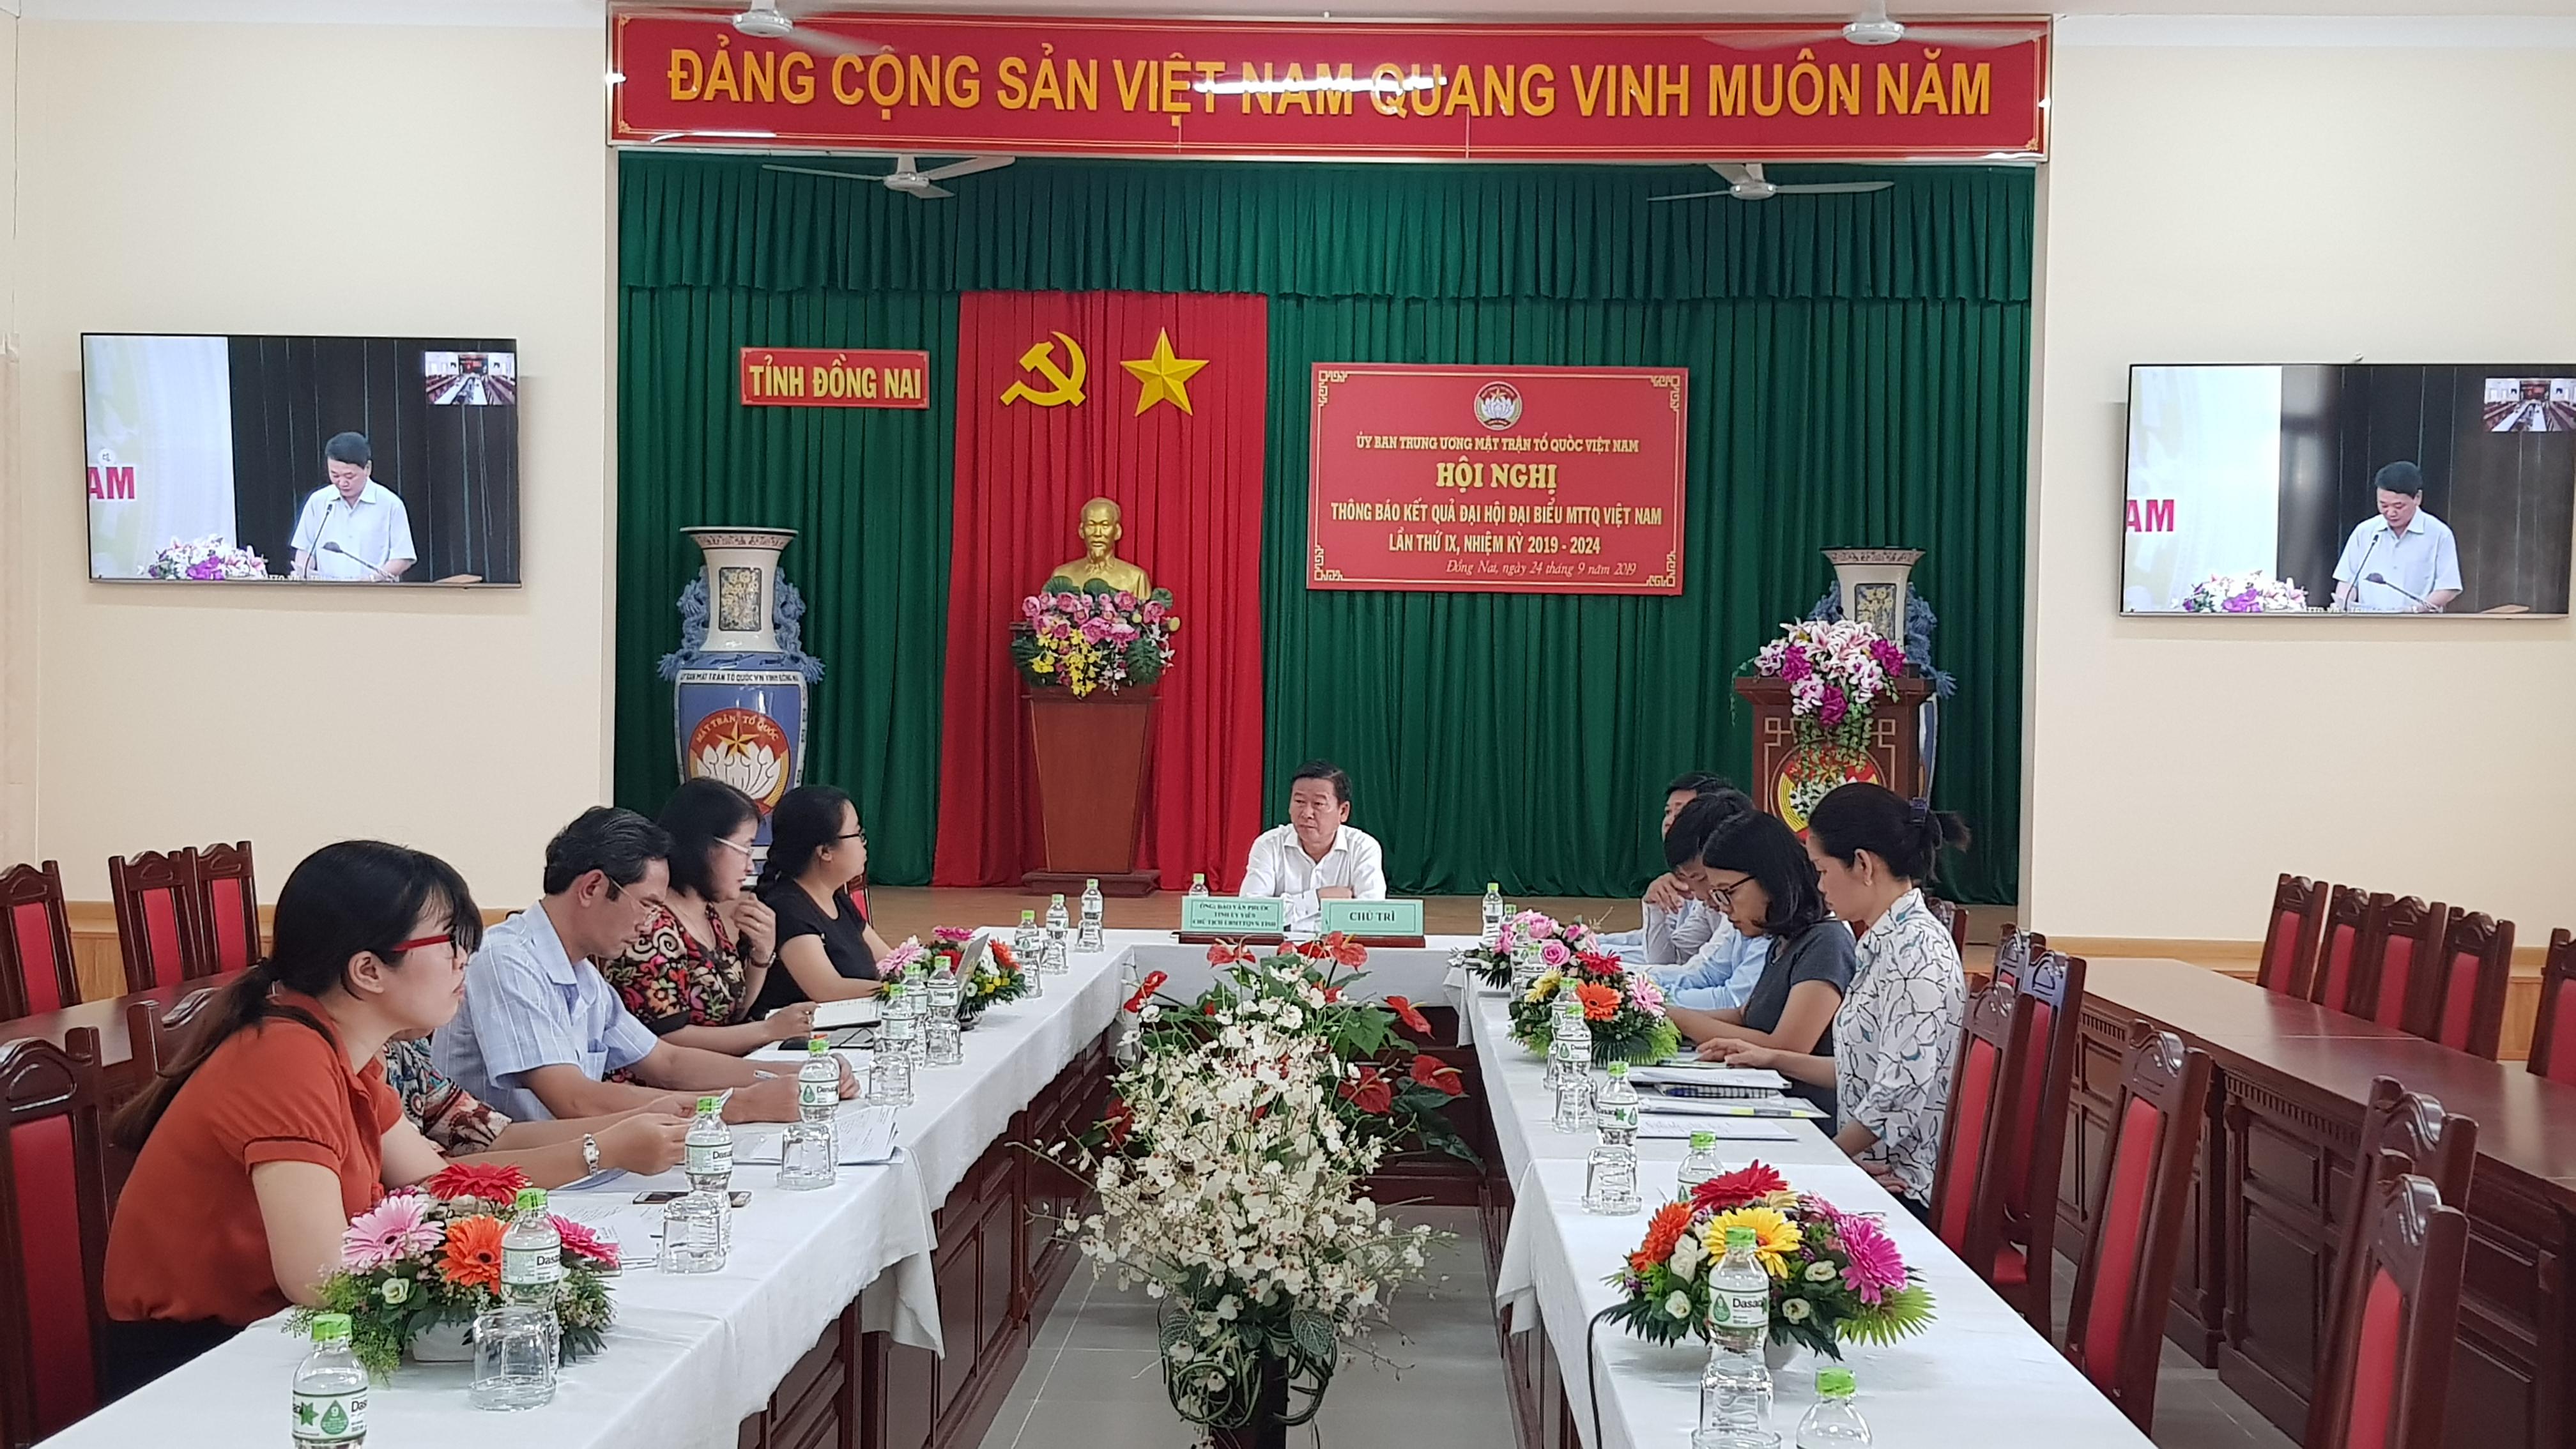 Hội nghị trực tuyến triển khai kết quả Đại hội toàn quốc MTTQ Việt Nam lần thứ IX